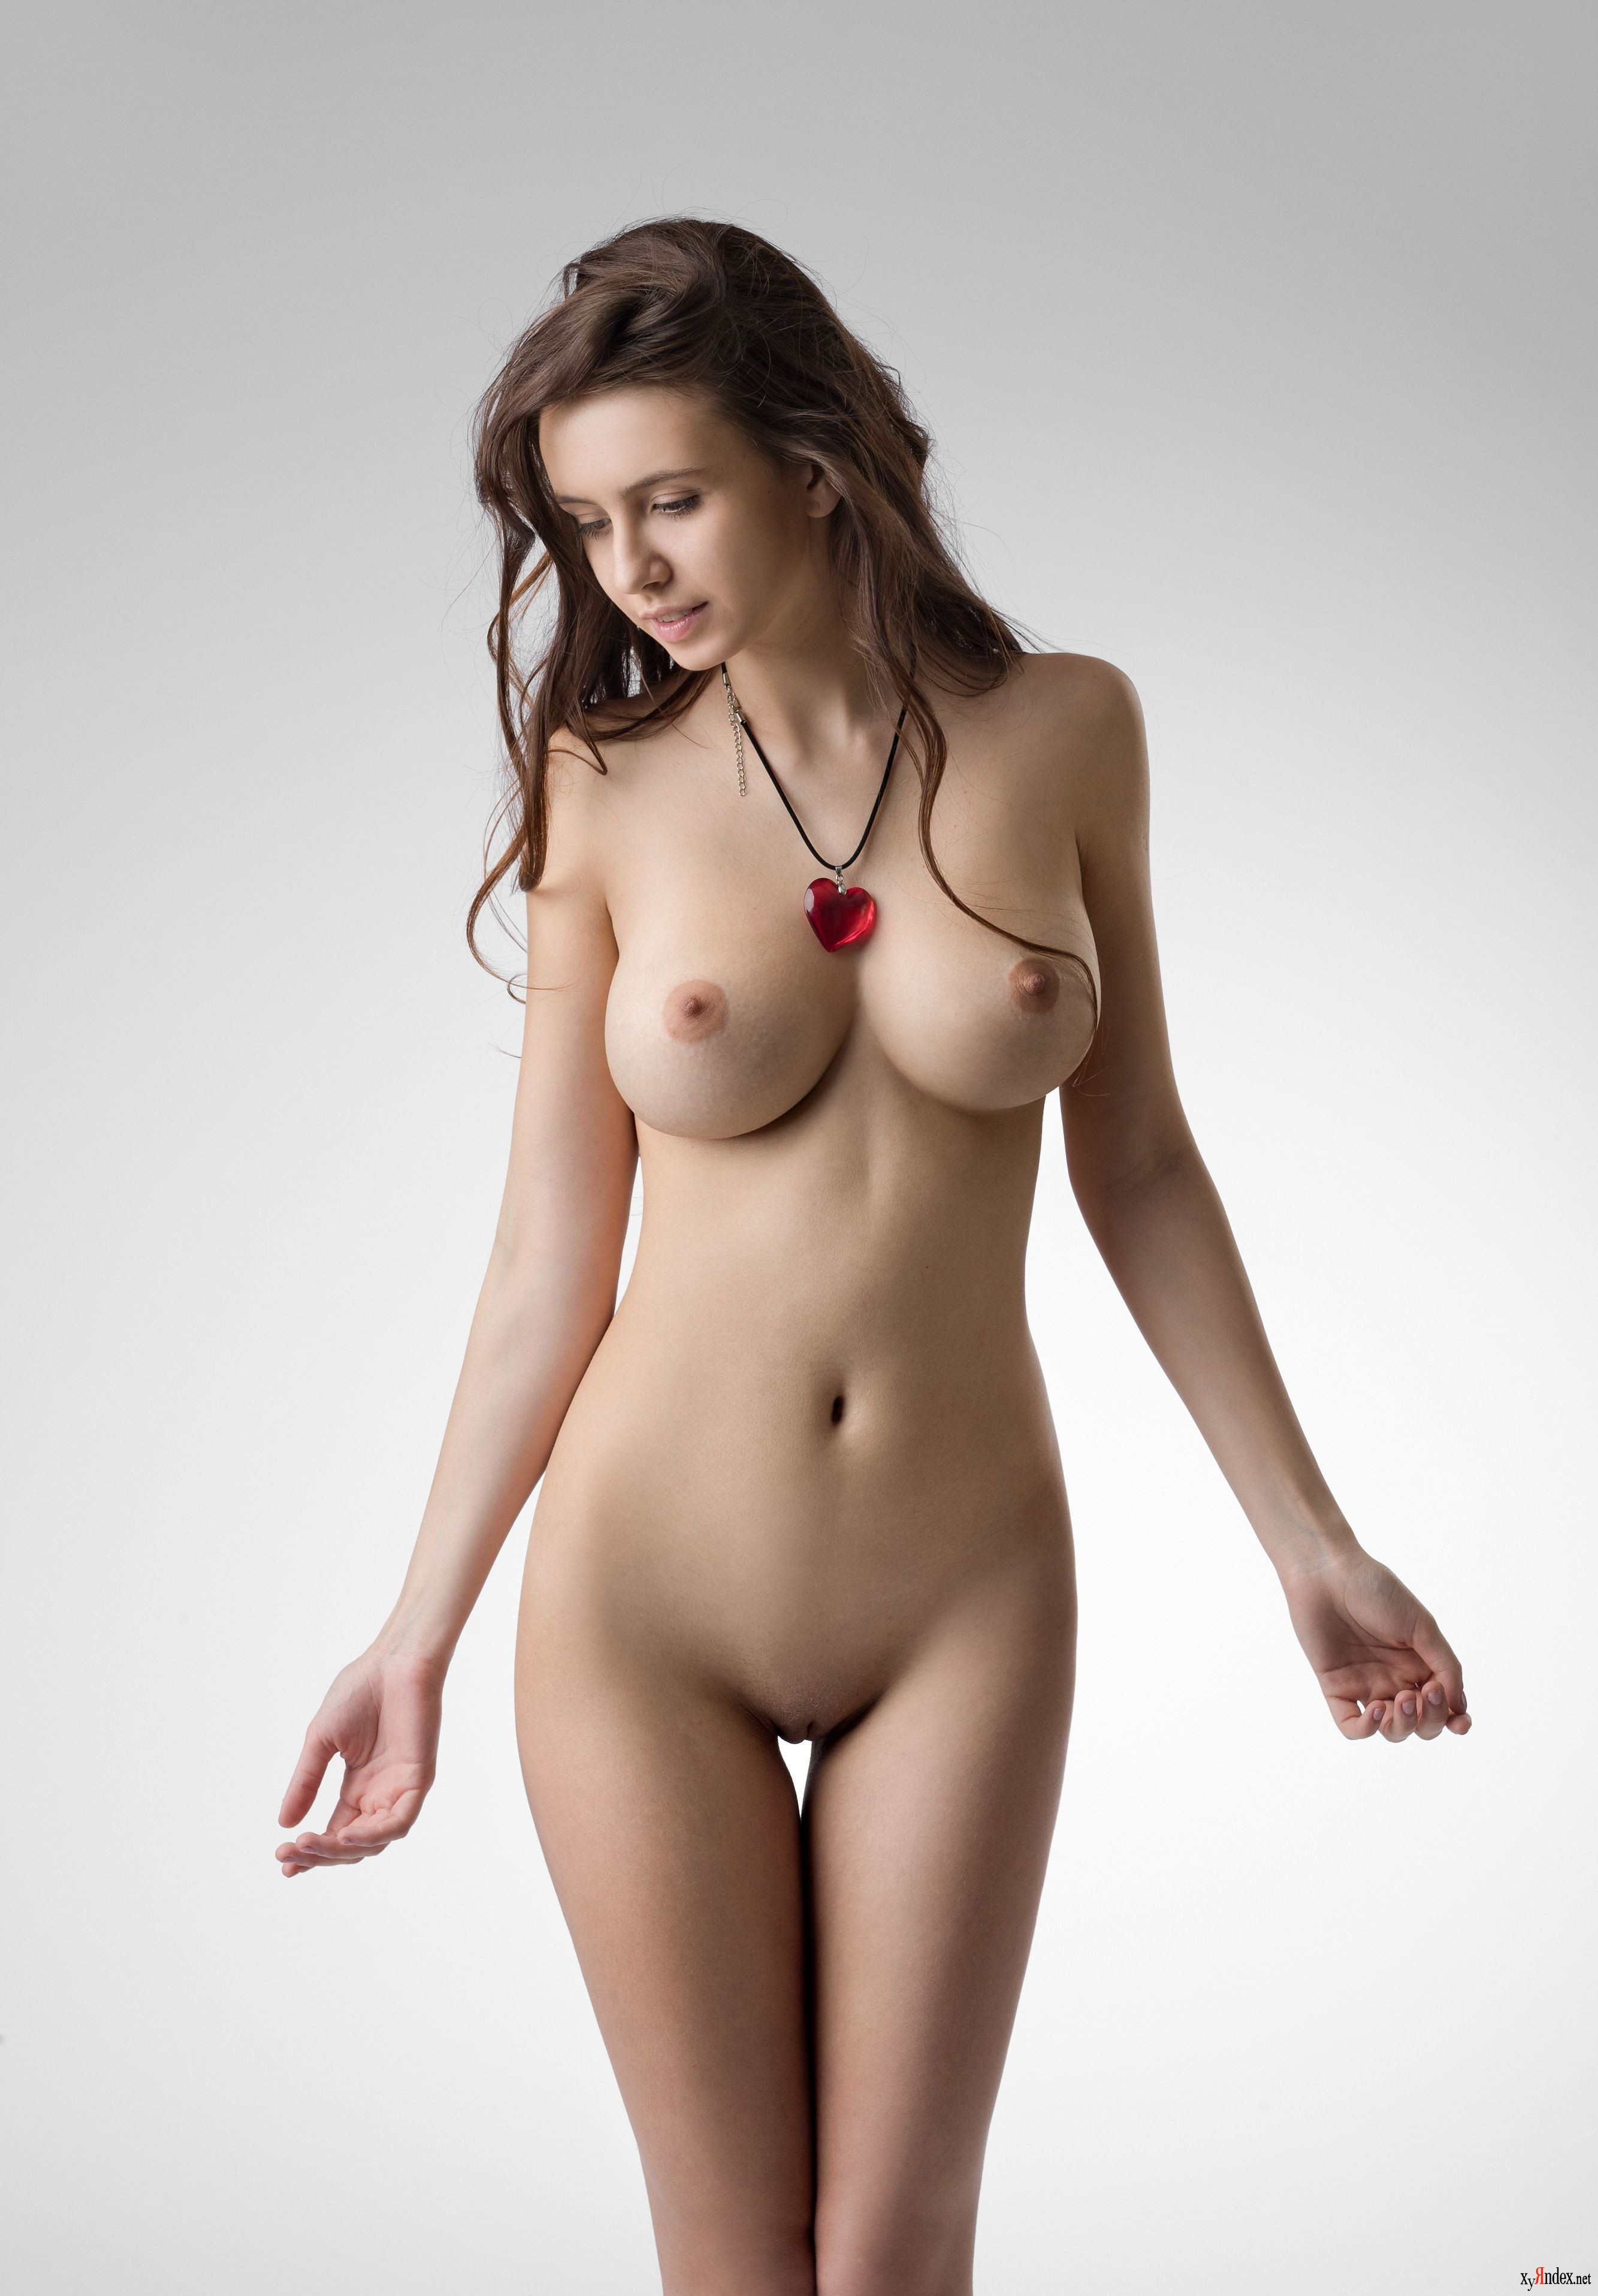 Голые женщины очень крупного телосложения